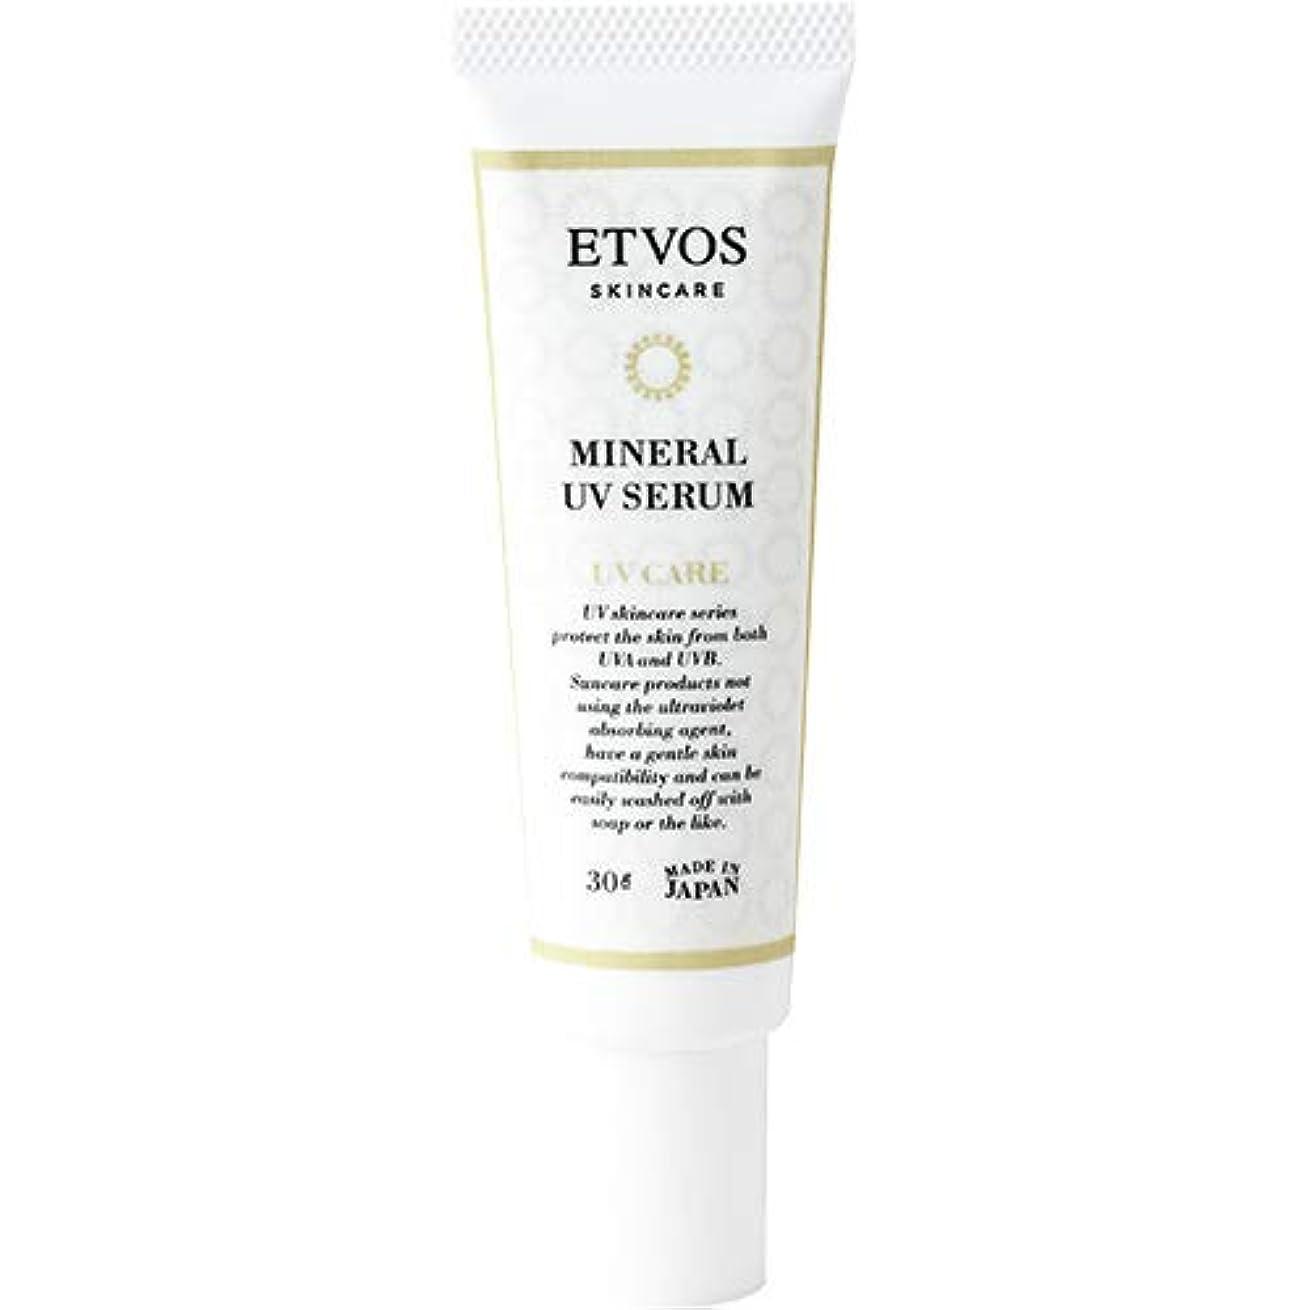 戦闘アクセスできない思春期ETVOS(エトヴォス) 日焼け止め美容液 ミネラルUVセラム SPF35/PA+++ 30g 化粧下地 紫外線吸収剤不使用